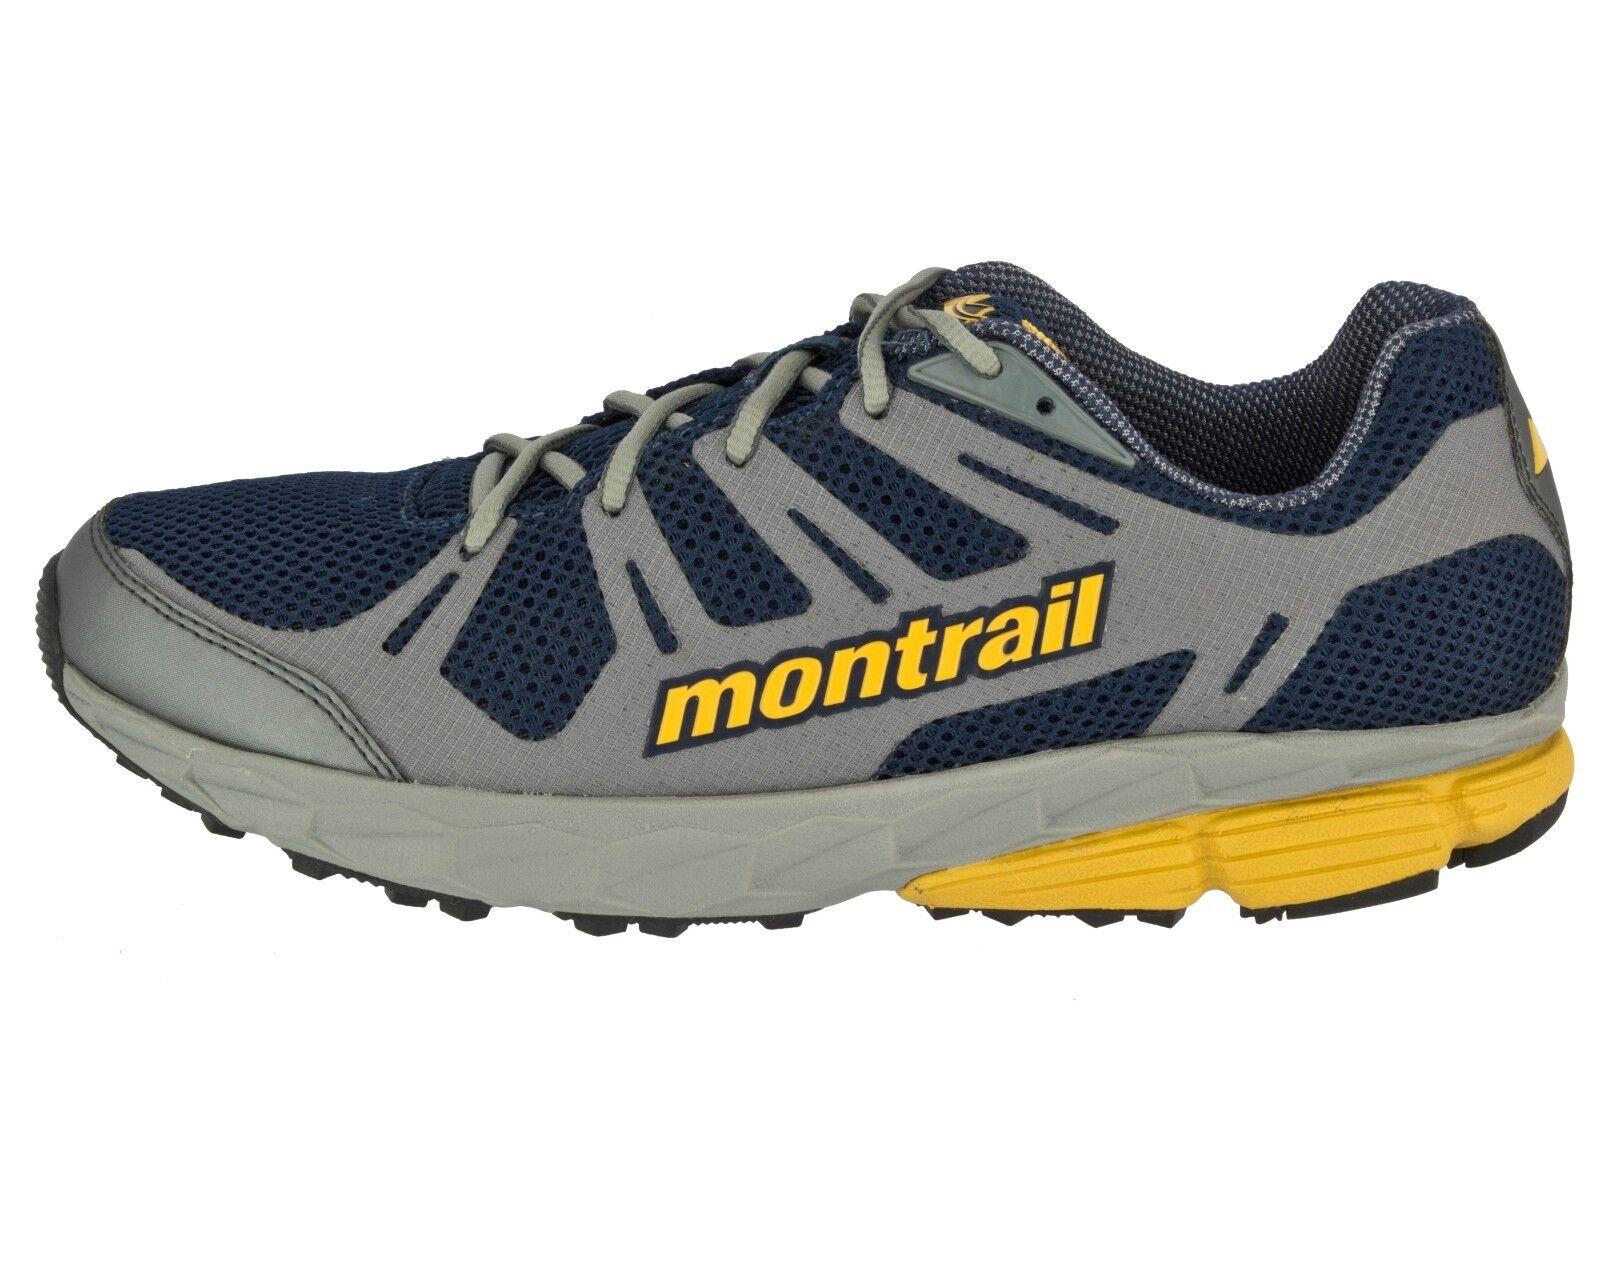 Montrail gm2137 badwater Uomo nuove tracce badwater gm2137 ibrido scarpe da corsa noi 9 b0e5db